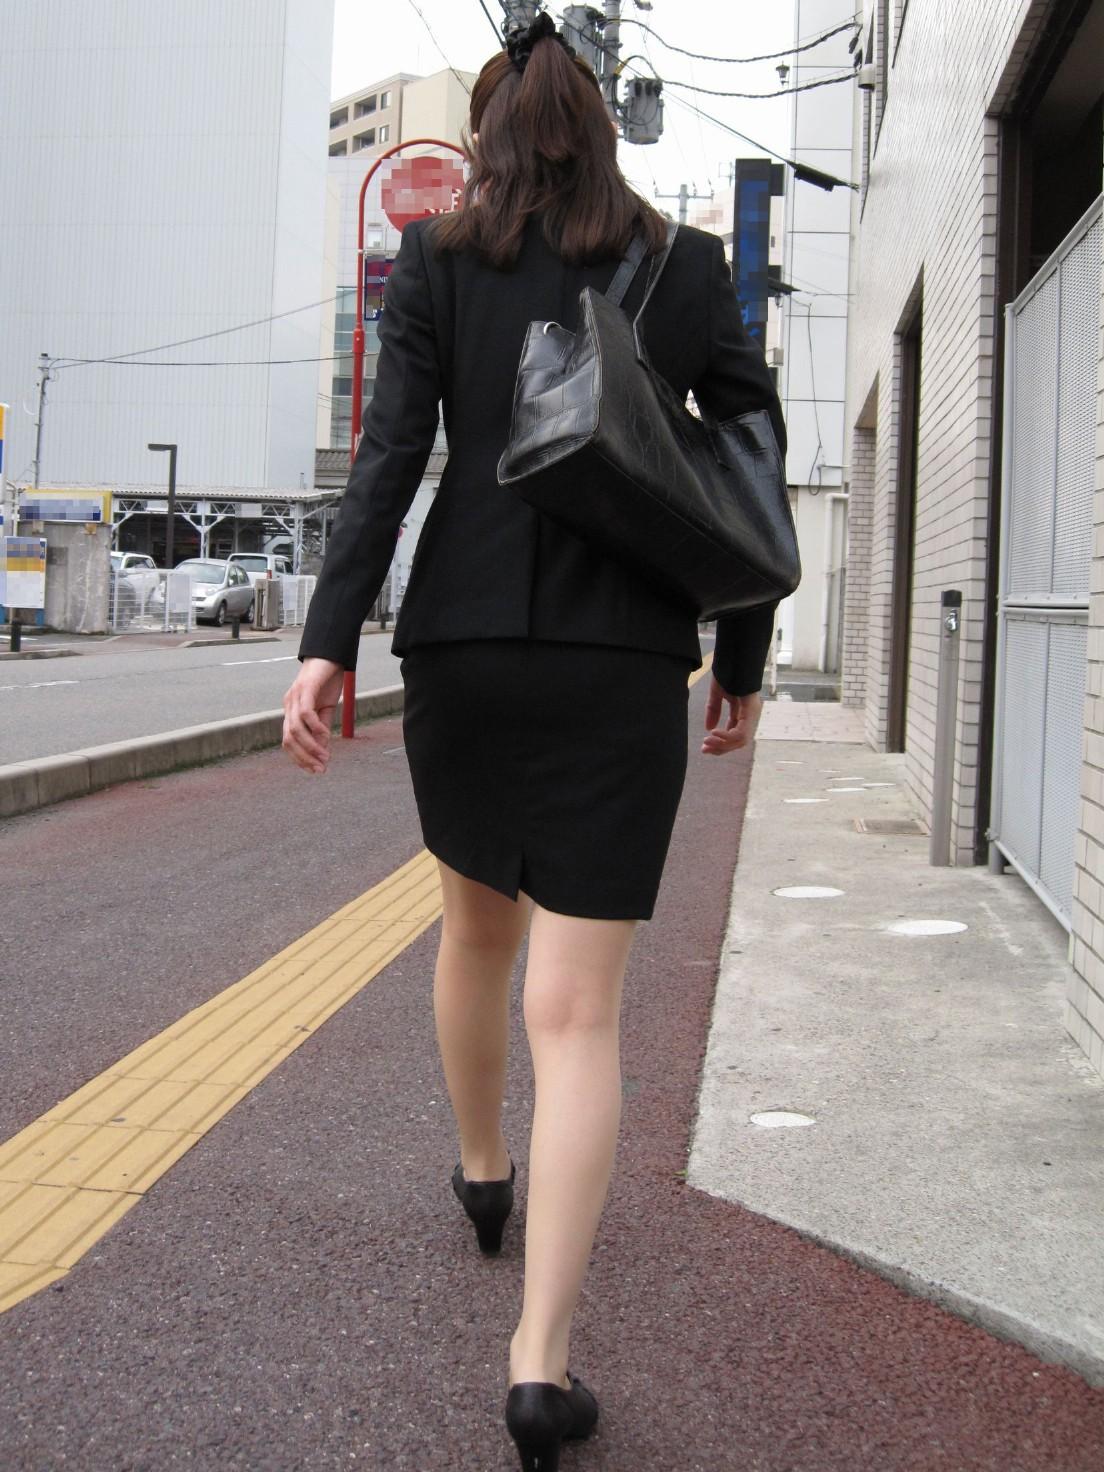 リクルートスーツのお姉さんの街撮り画像だぁーwwwお尻プリプリで最高だぜぇーwww F4sMOwL1Q7YRW1i2